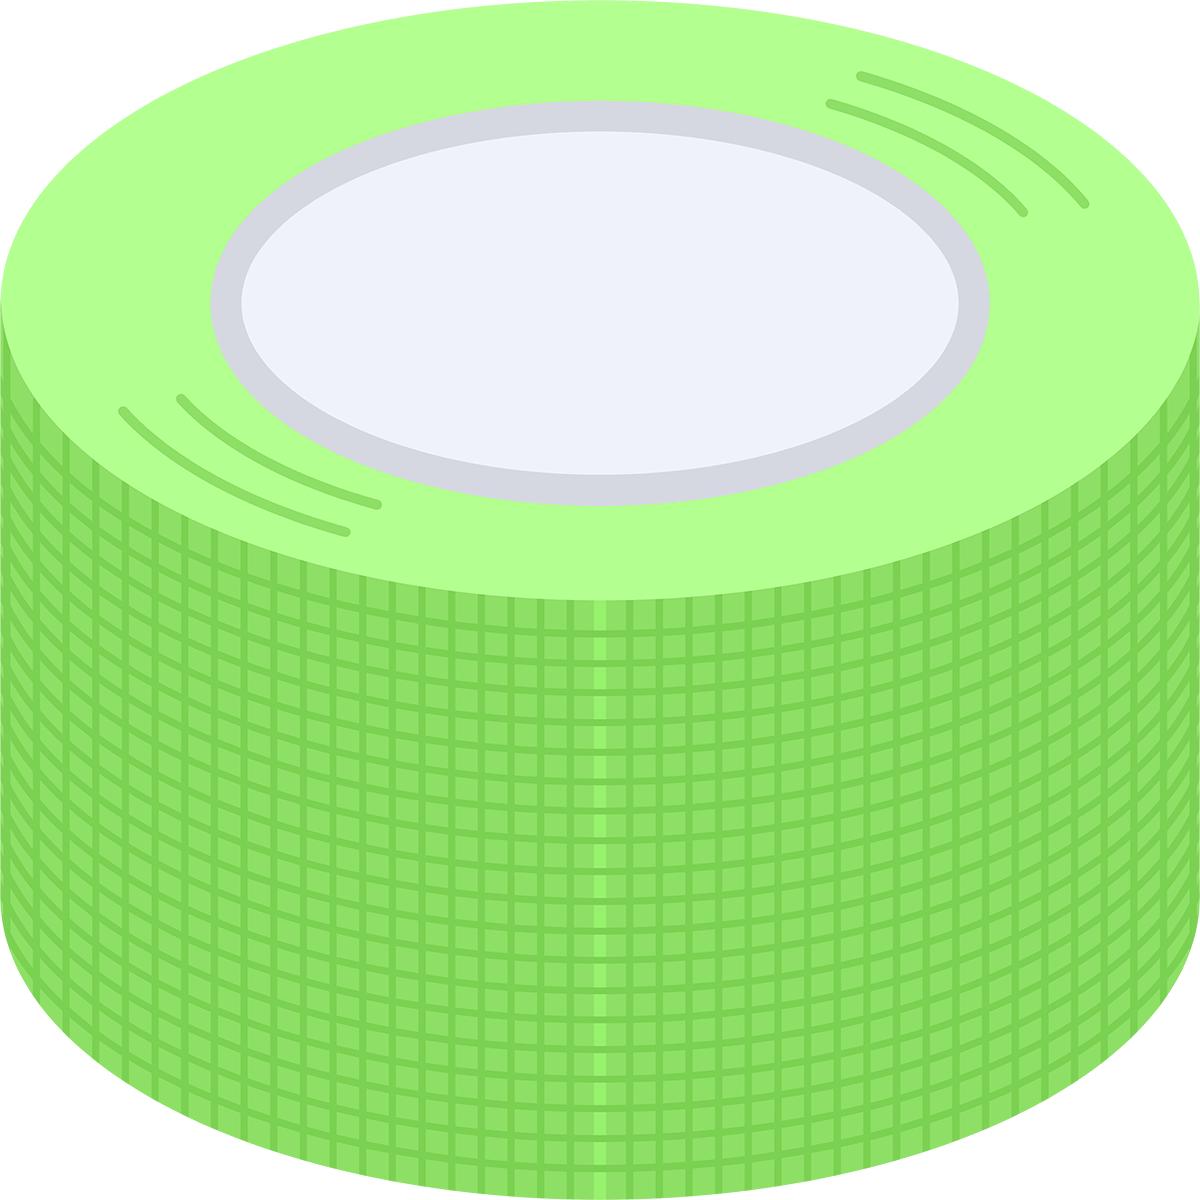 養生テープの無料イラスト